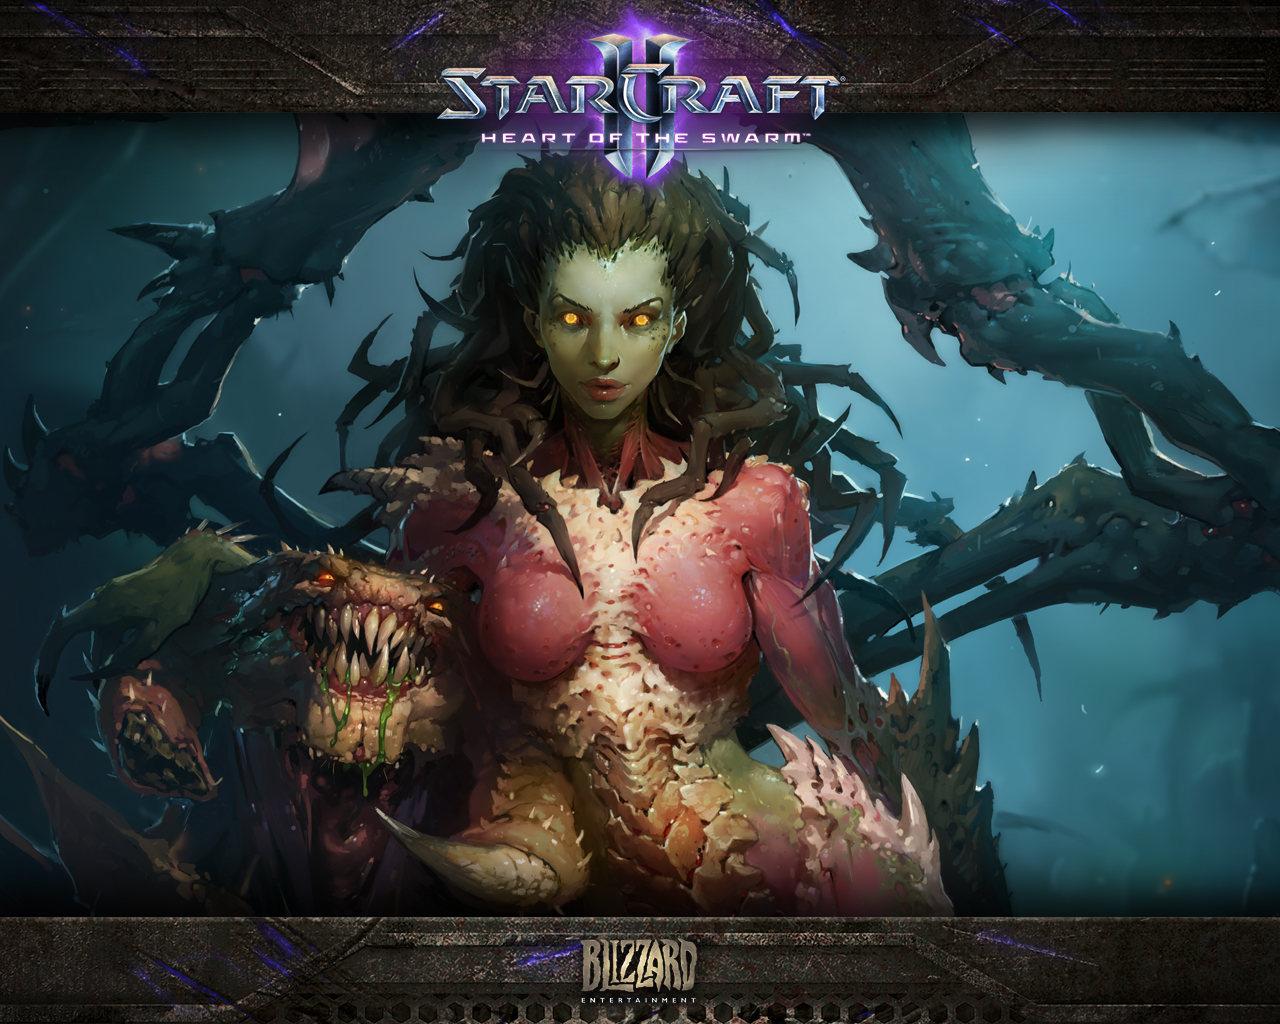 StarCraft II: Heart of the Swarm – La introducción (vídeo)